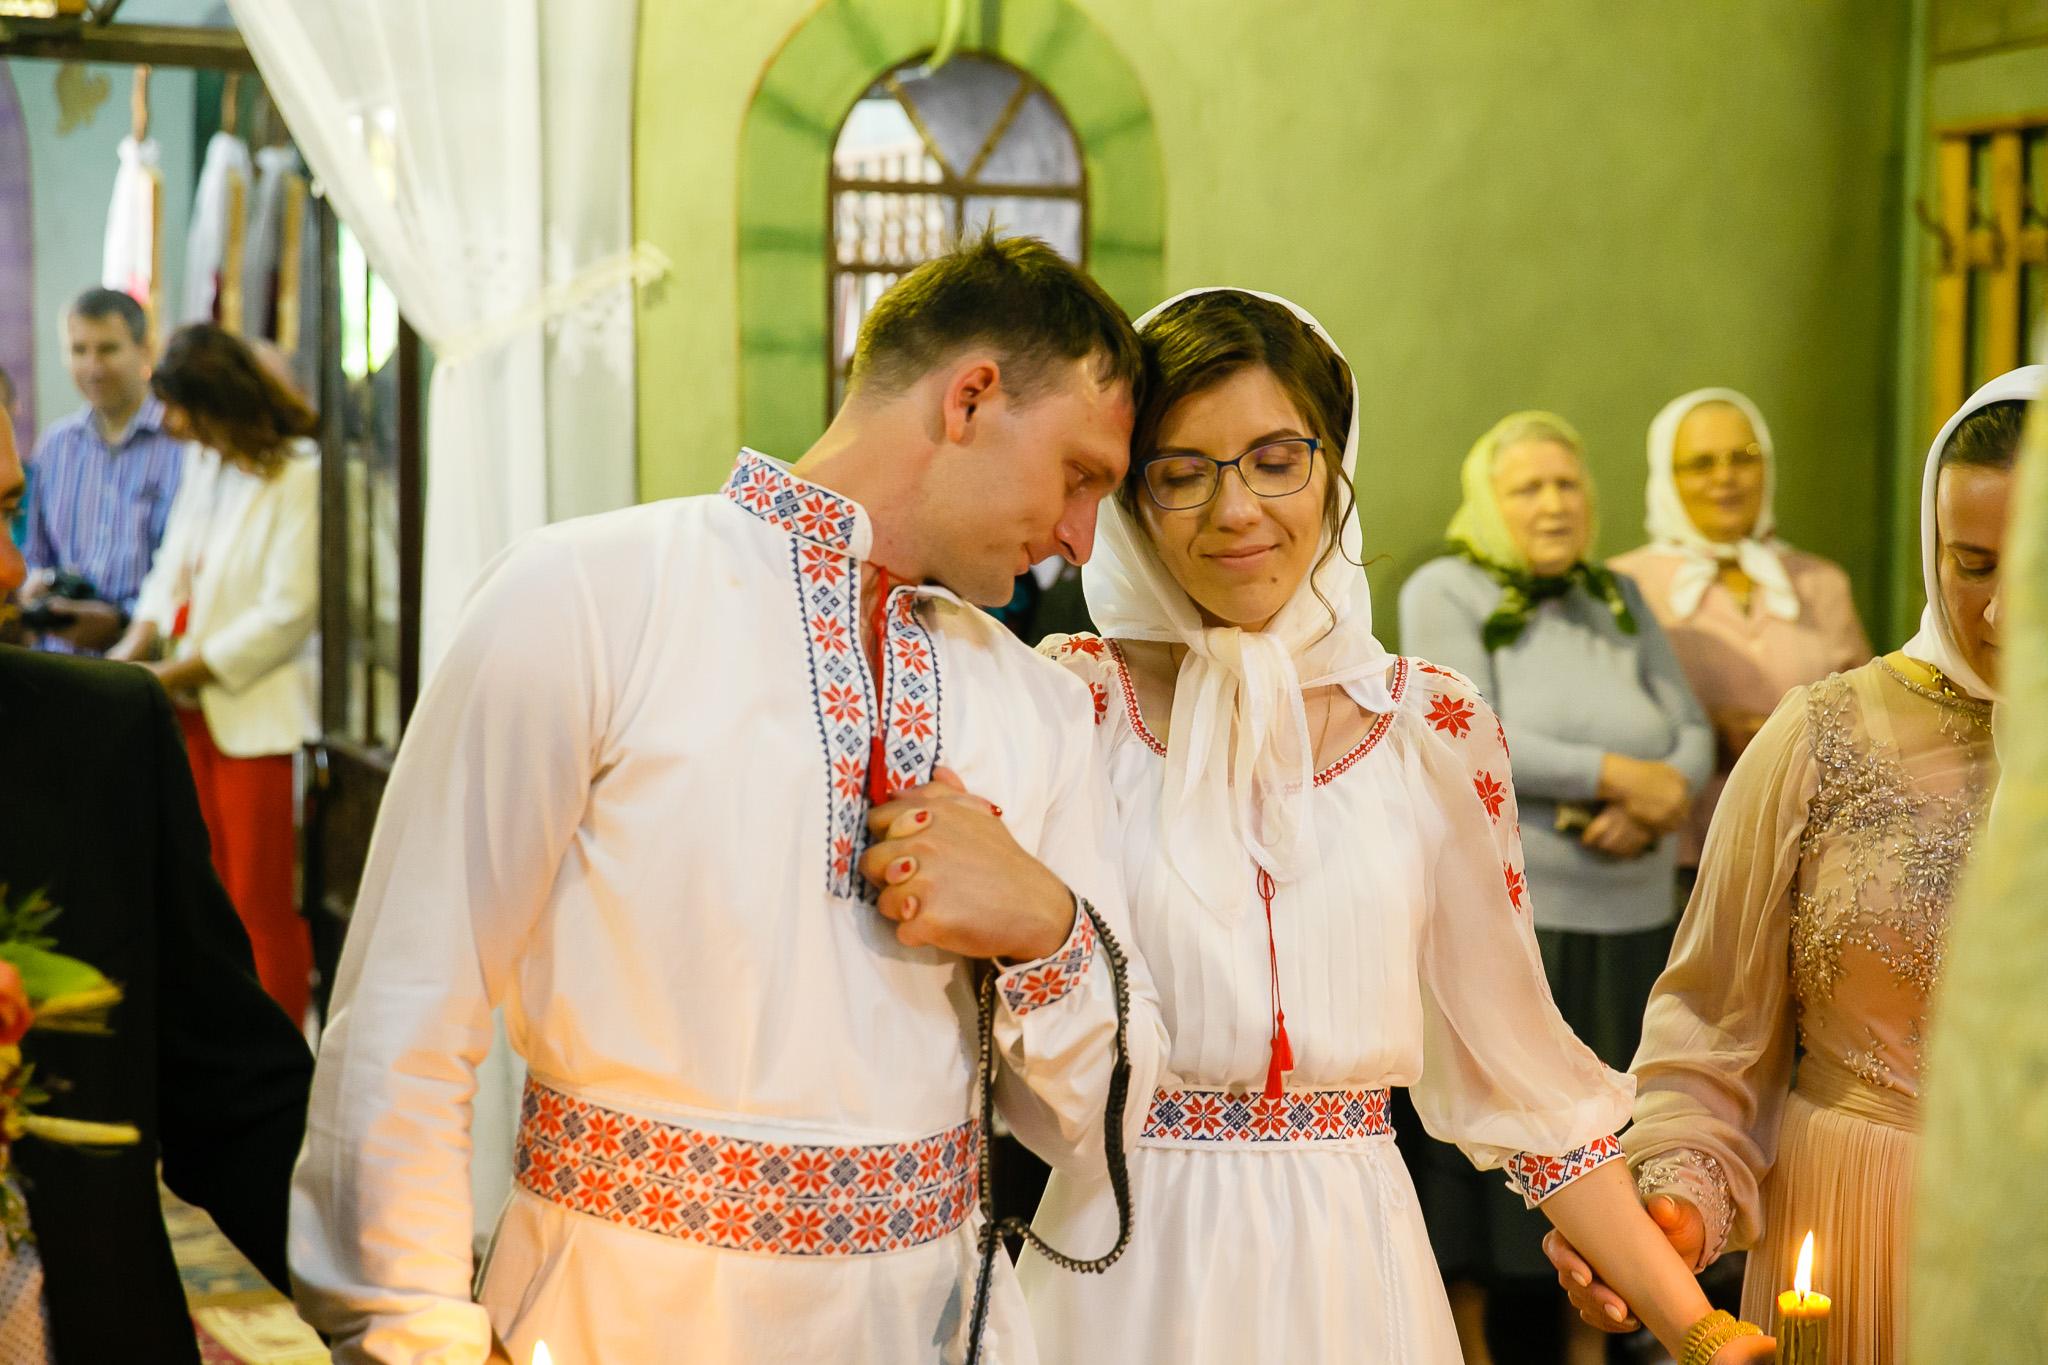 Nuntă tradițională Elisabeta și Alexandru fotograf profesionist nunta Iasi www.paulpadurariu.ro © 2018 Paul Padurariu fotograf de nunta Iasi cununia religioasa 1